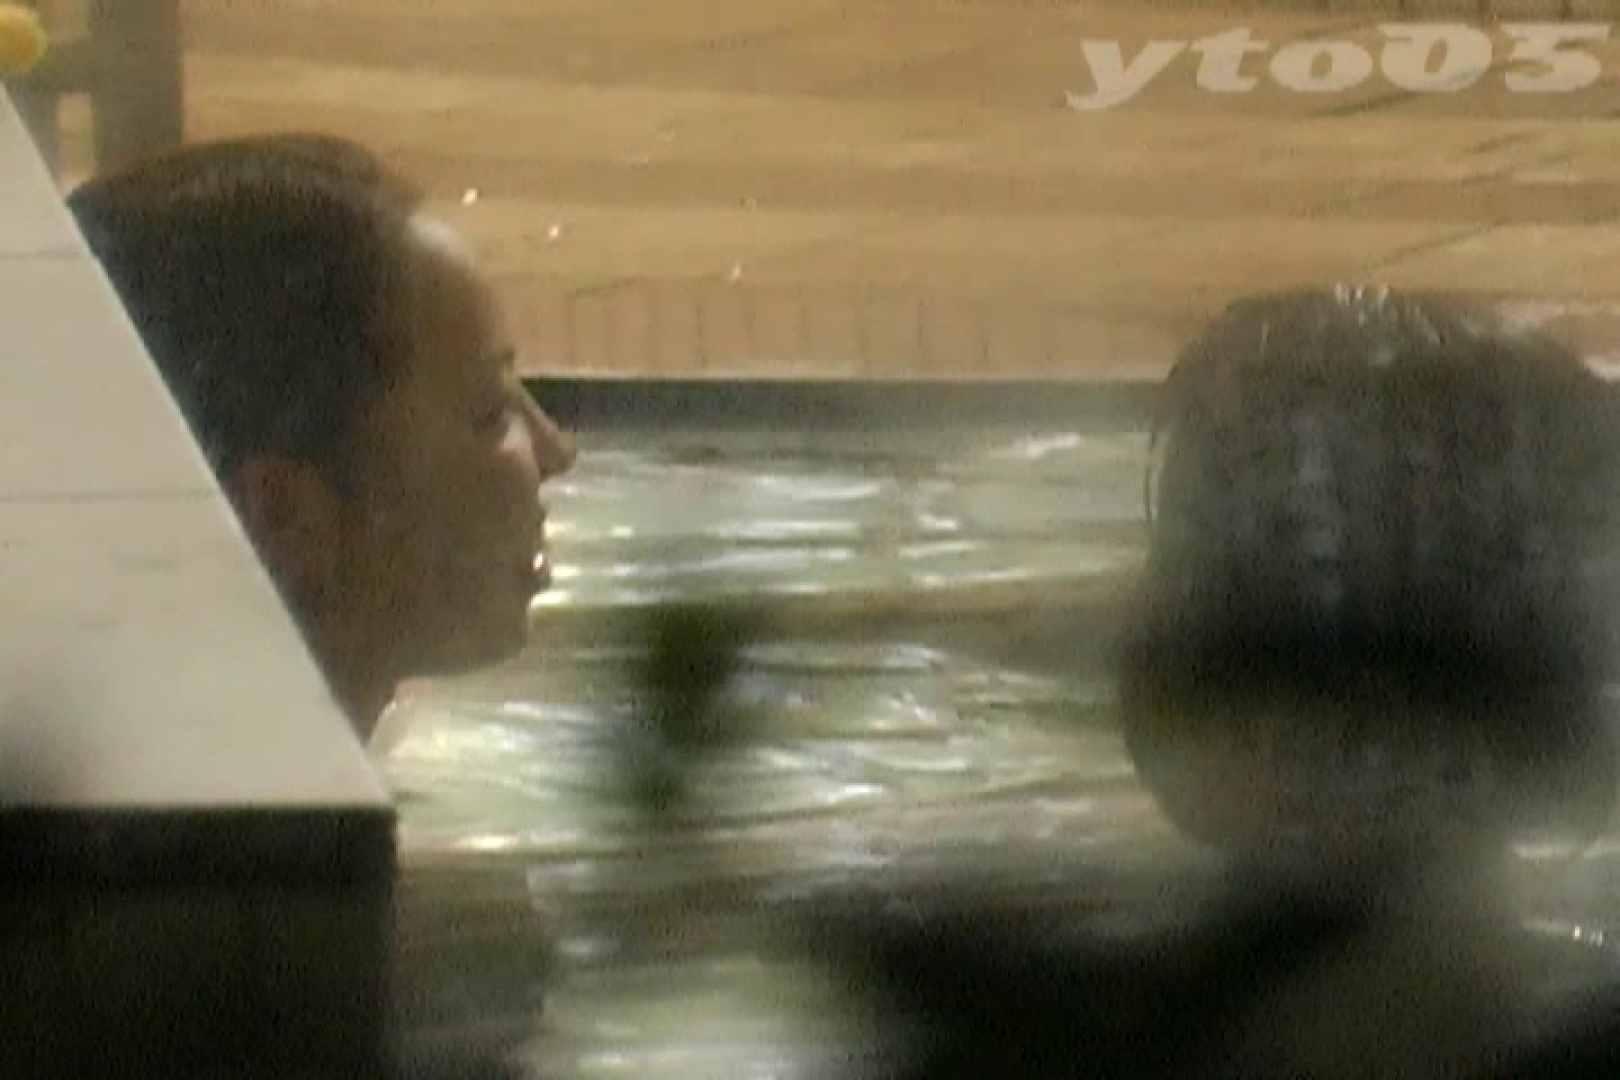 ▲復活限定▲合宿ホテル女風呂盗撮 Vol.30 盗撮で悶絶 ぱこり動画紹介 77画像 20